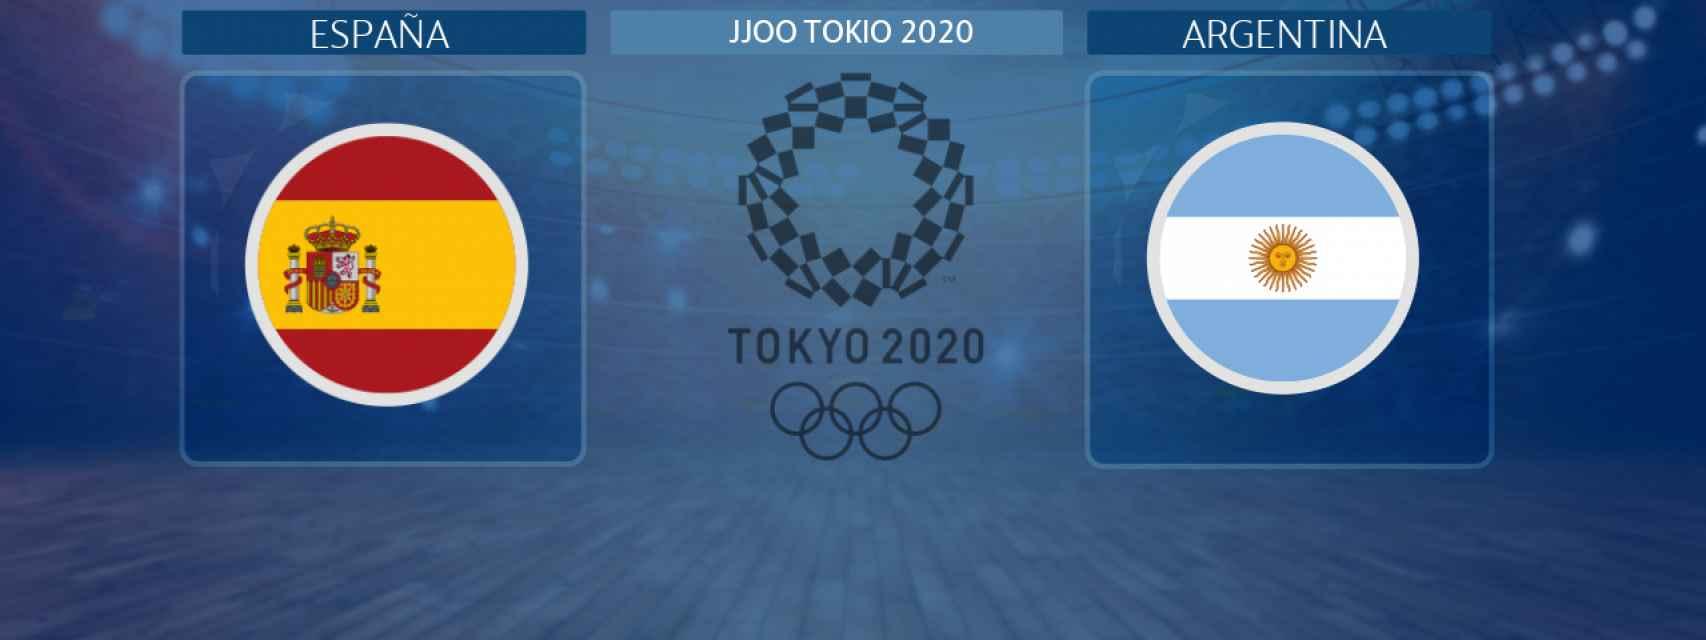 España - Argentina, partido de los JJOO de Tokio 2020